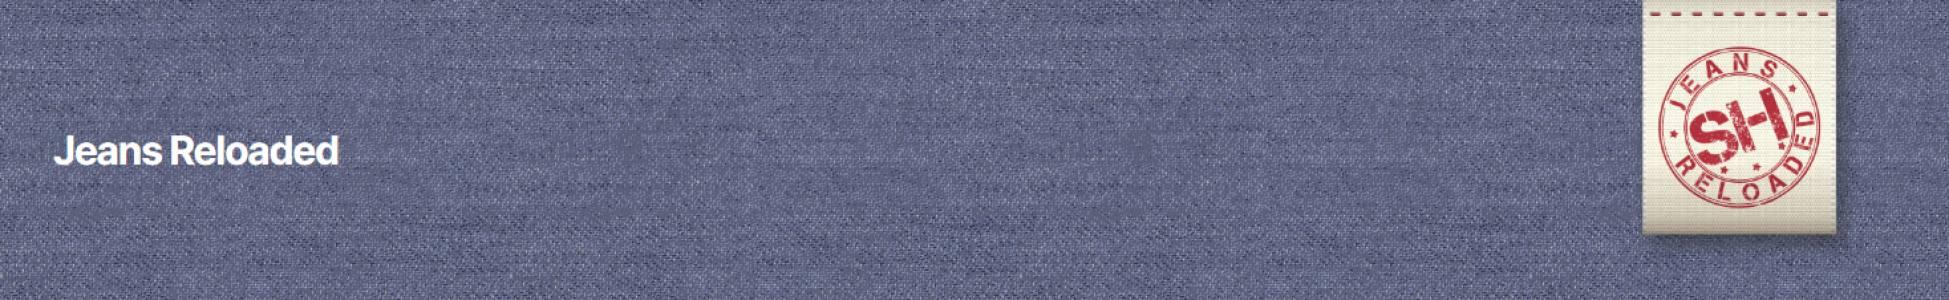 Jeans Reloaded auf kasuwa.de